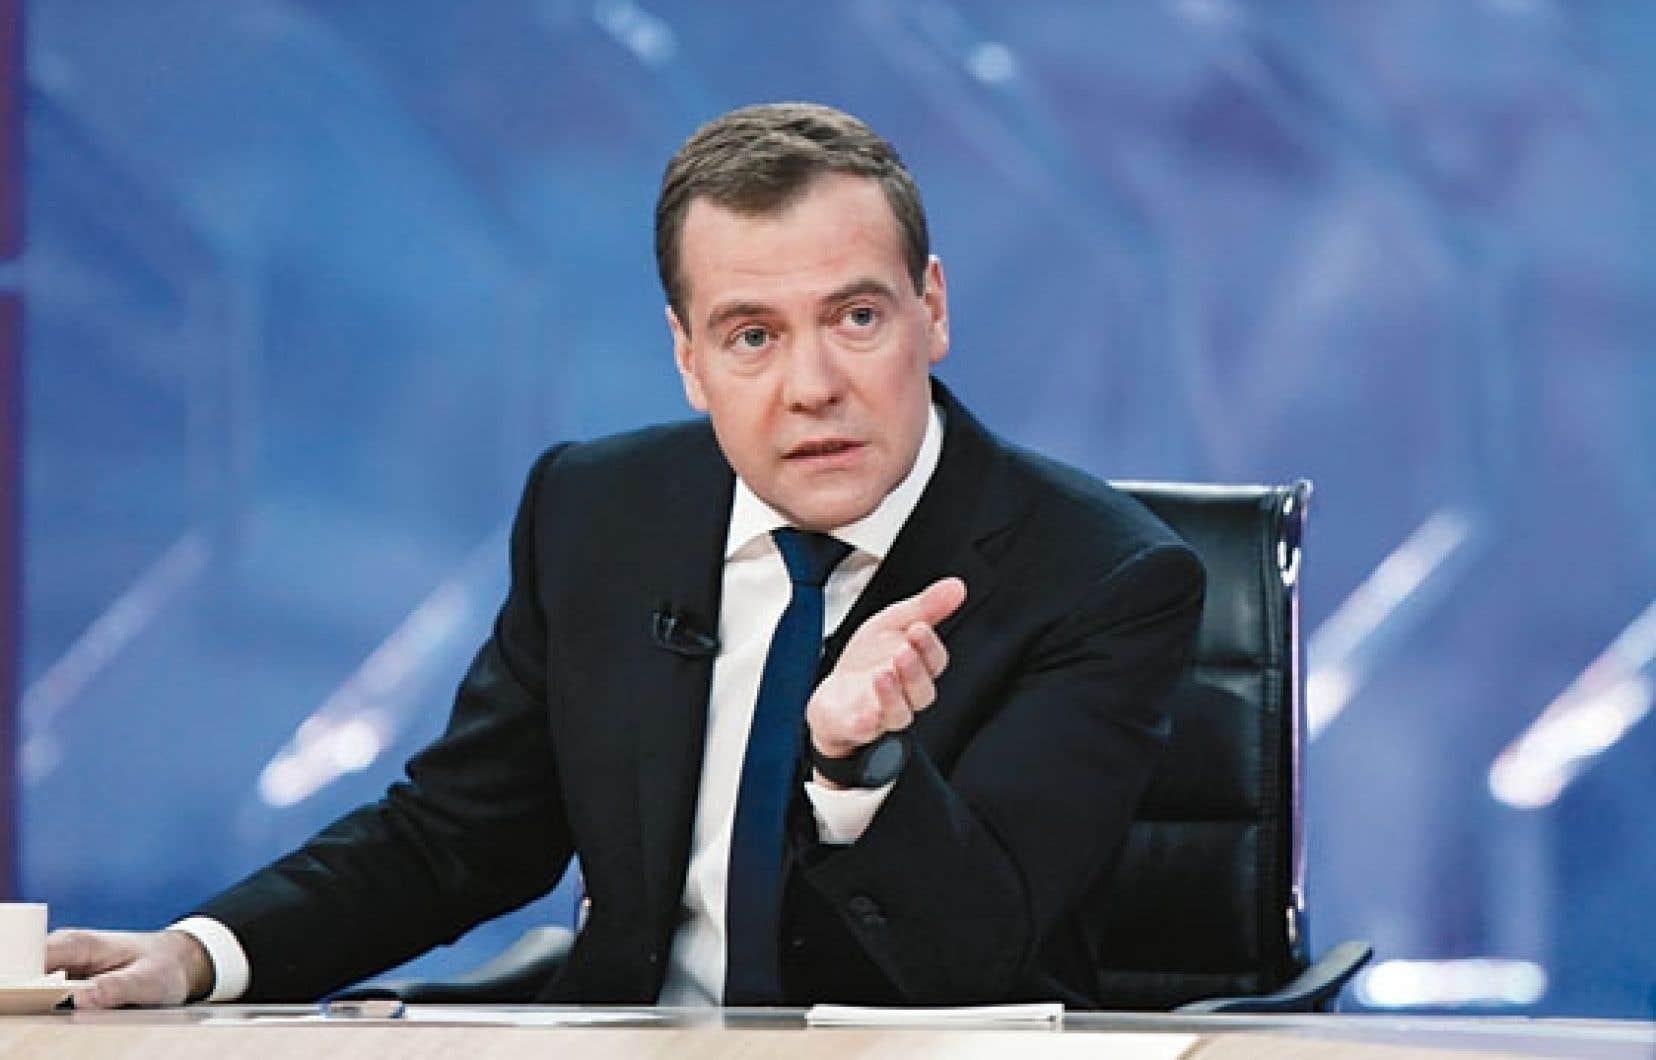 Dmitri Medvedev s'est irrité d'avoir été exclu de l'élaboration du premier plan de sauvetage et a mis en jeu les relations de la Russie avec l'UE.